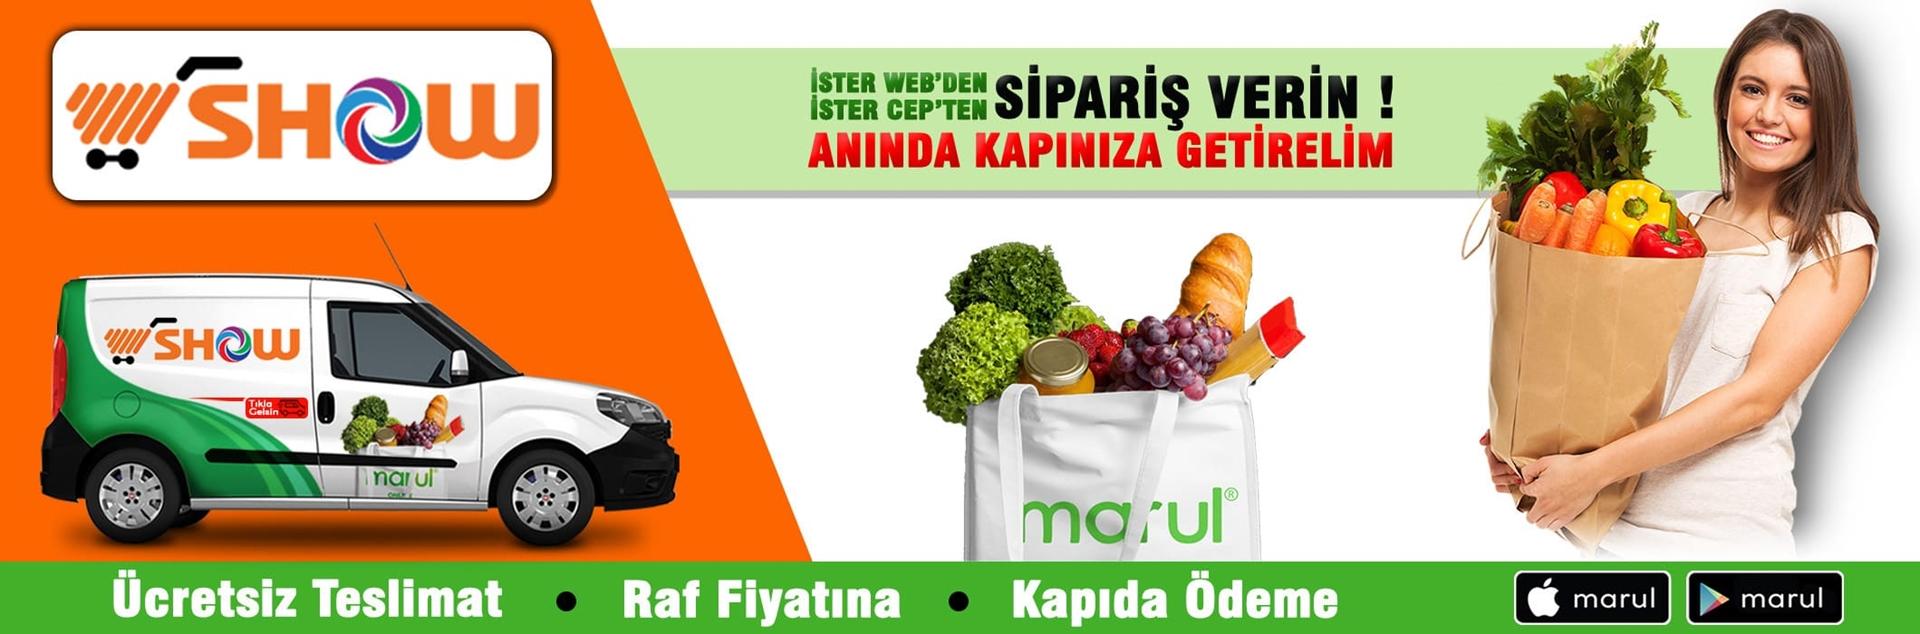 başakşehir show hipermarketleri online market alışverişi